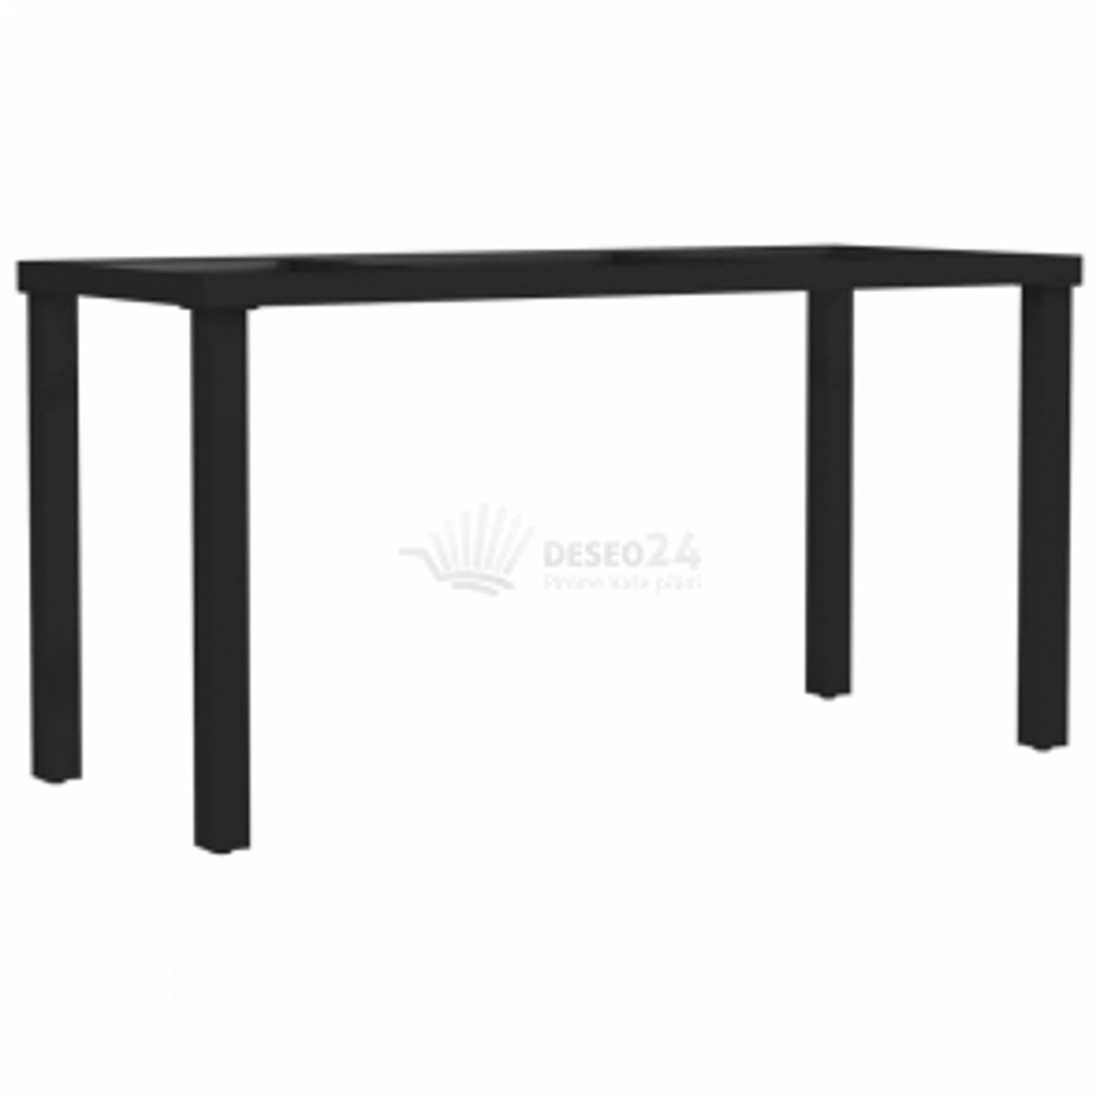 vidaXL Nohy k jídelnímu stolu ve tvaru I 160 x 70 x 72 cm [285148]